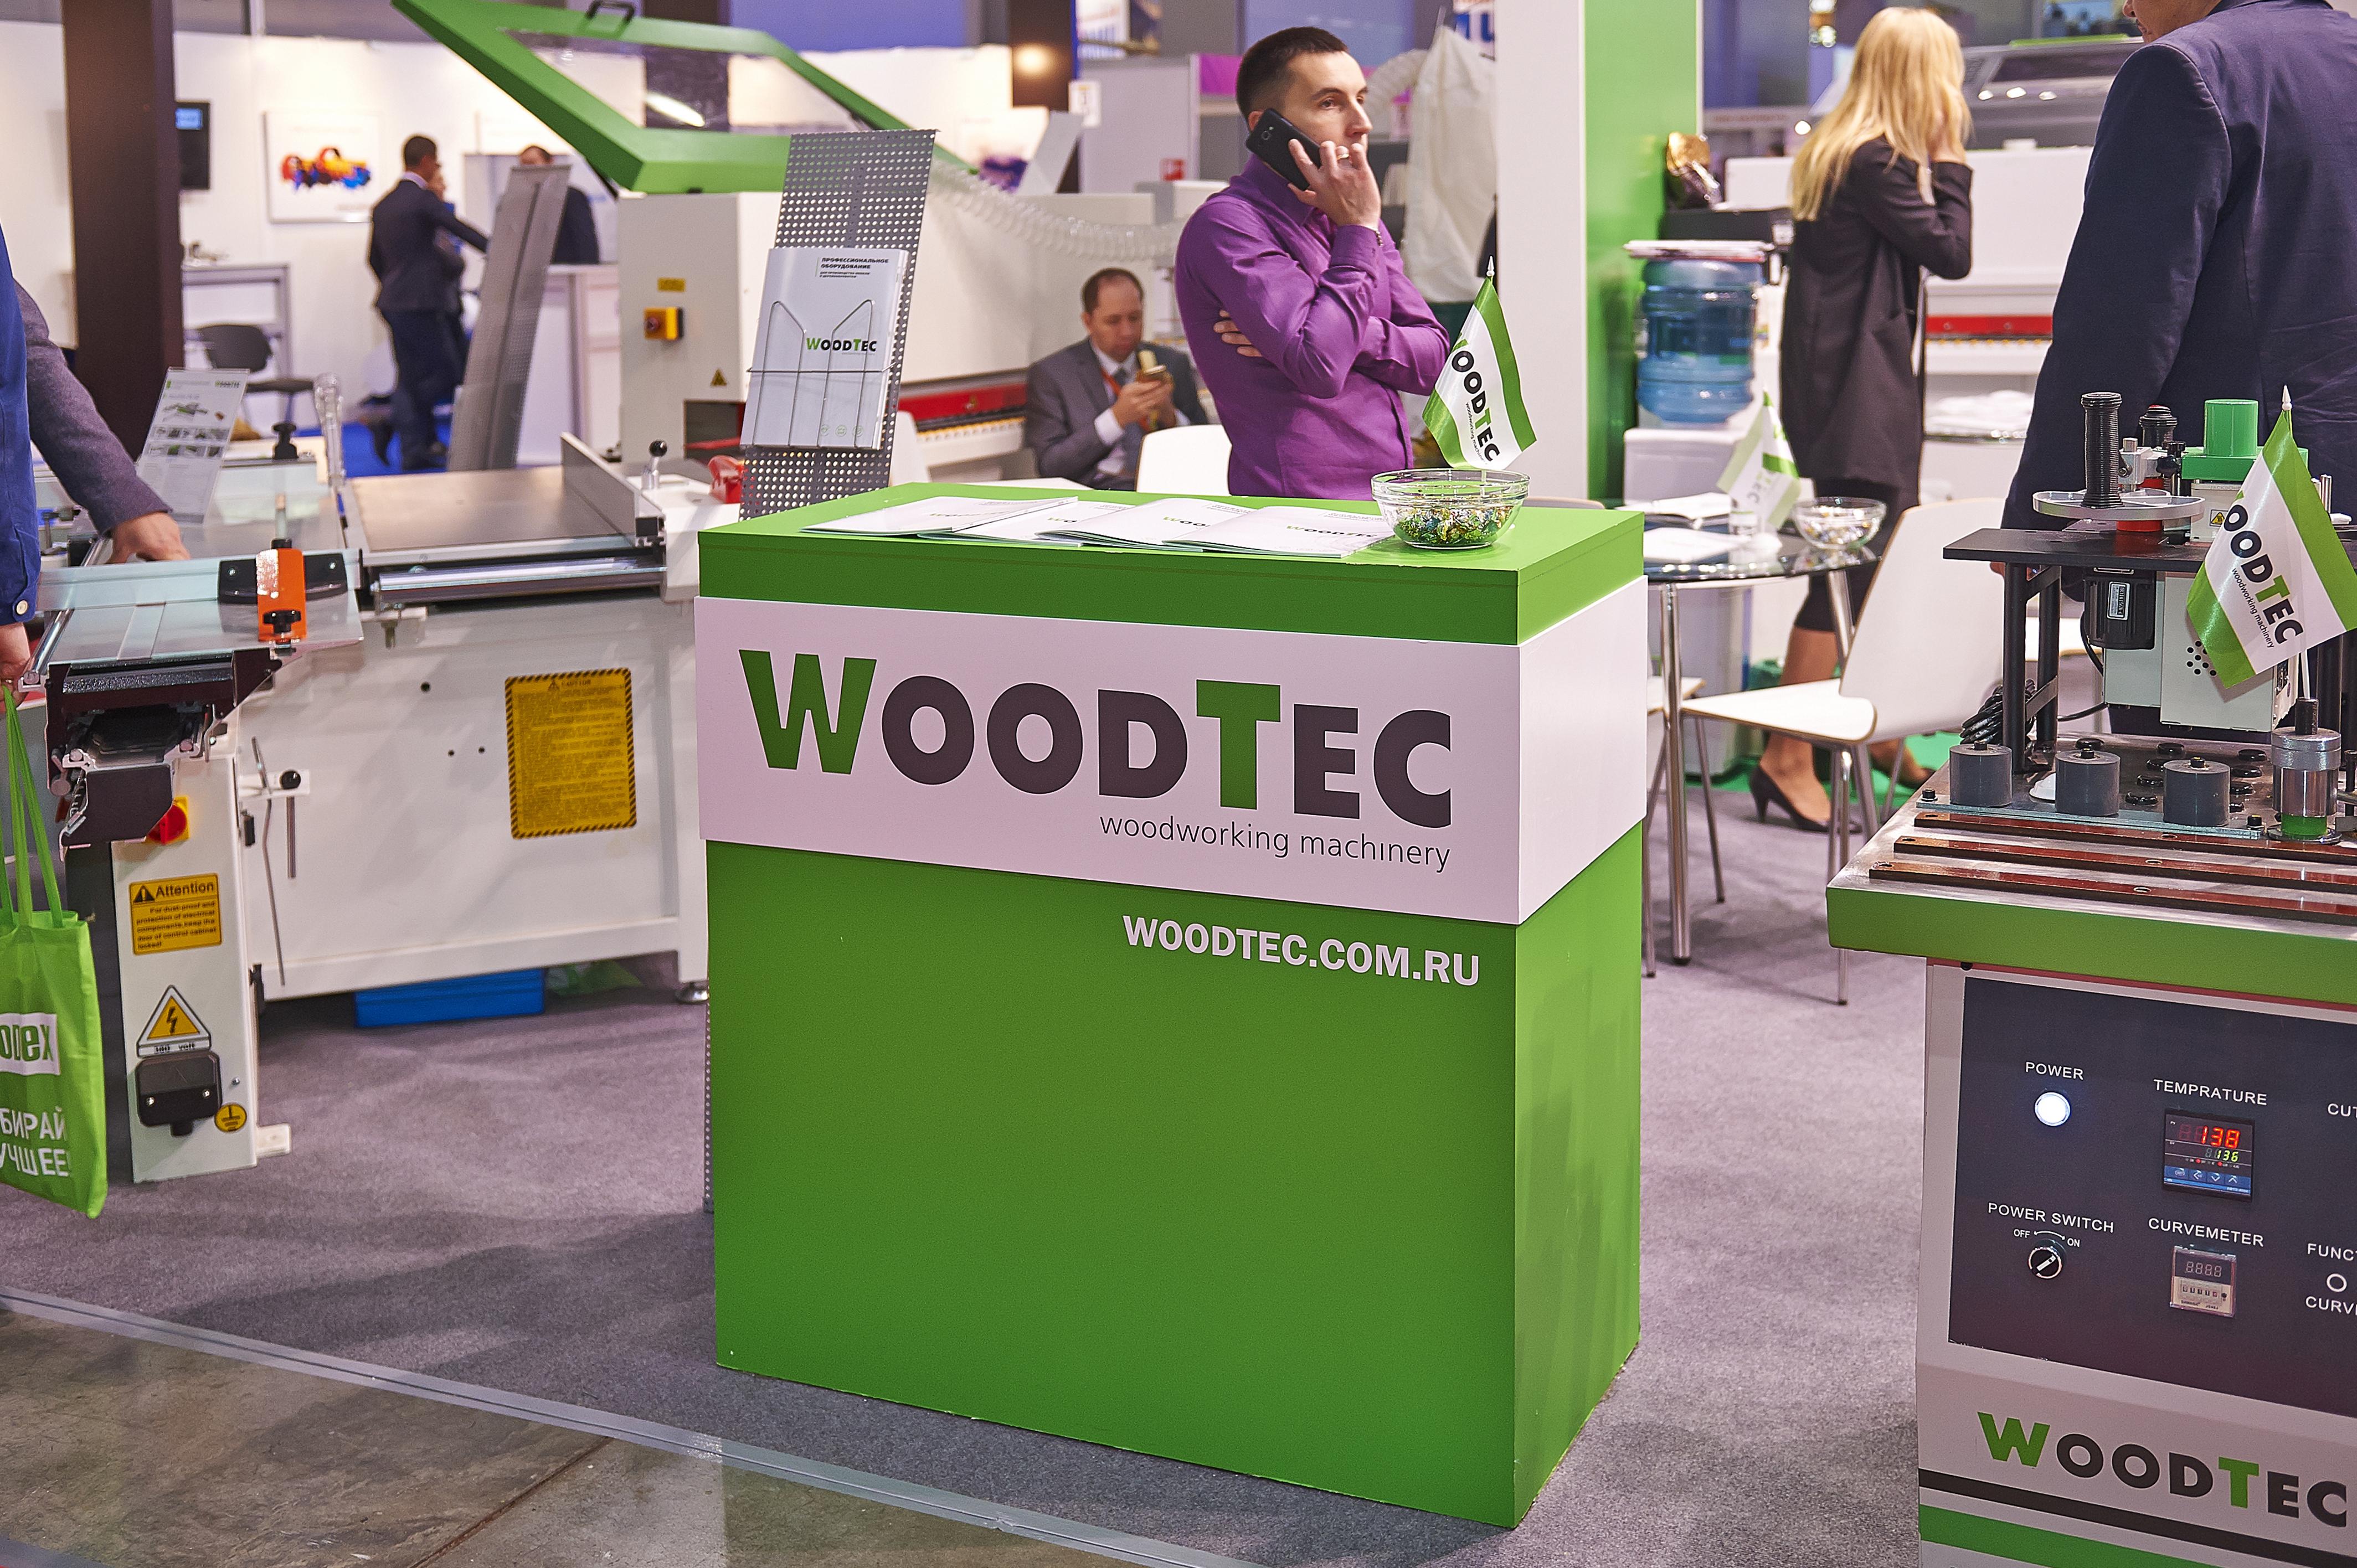 Woodtec_300dpi_17